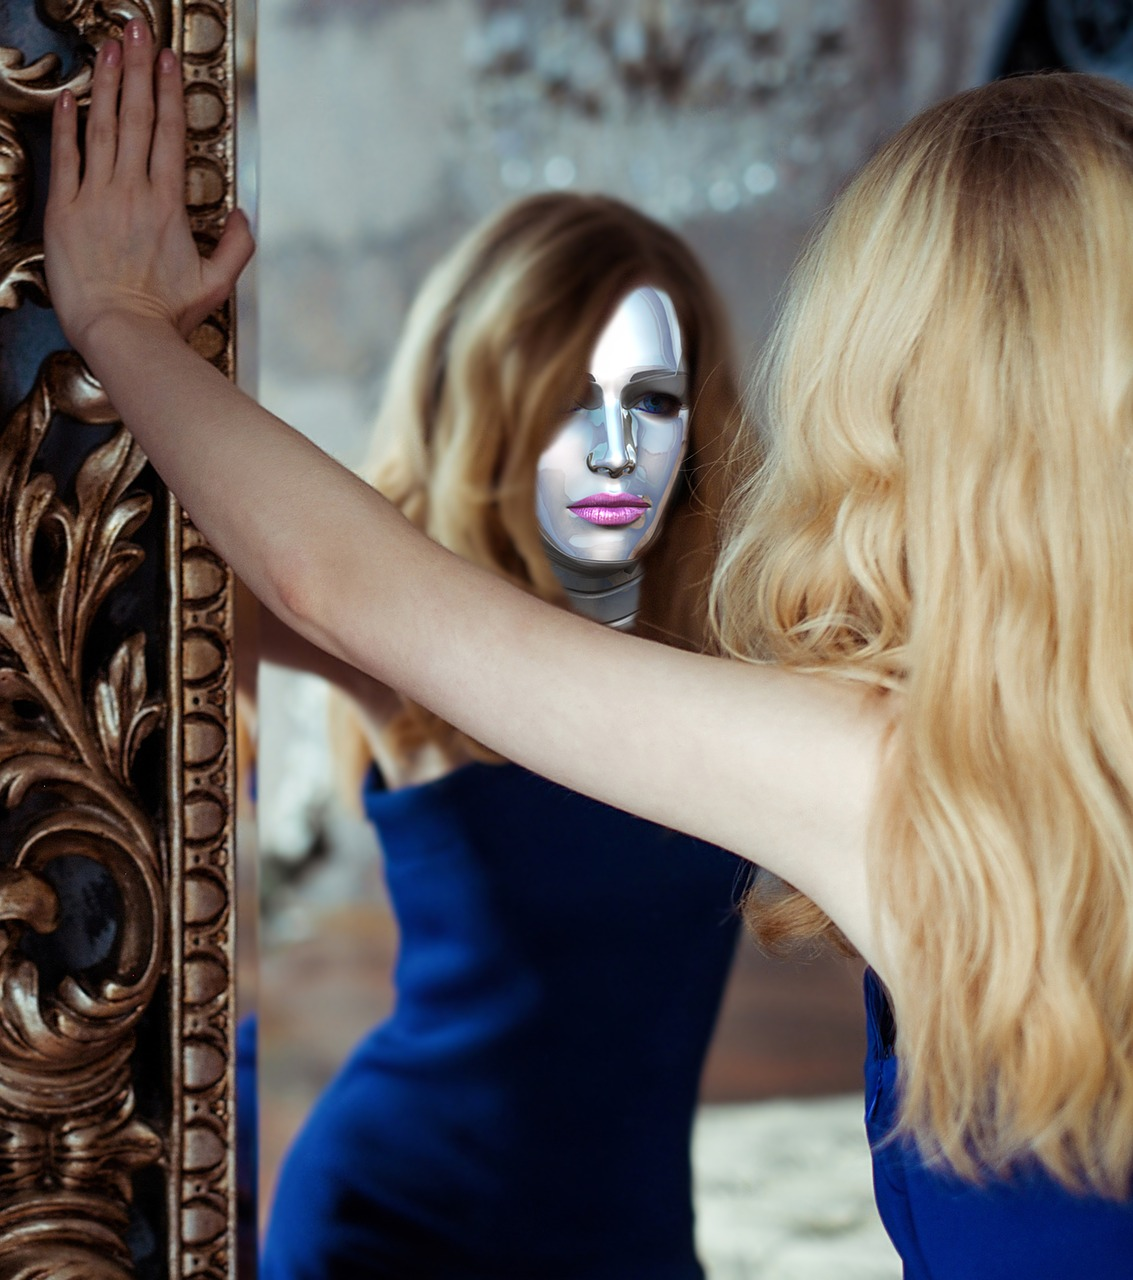 מודעות עצמית-לא מה שחשבת